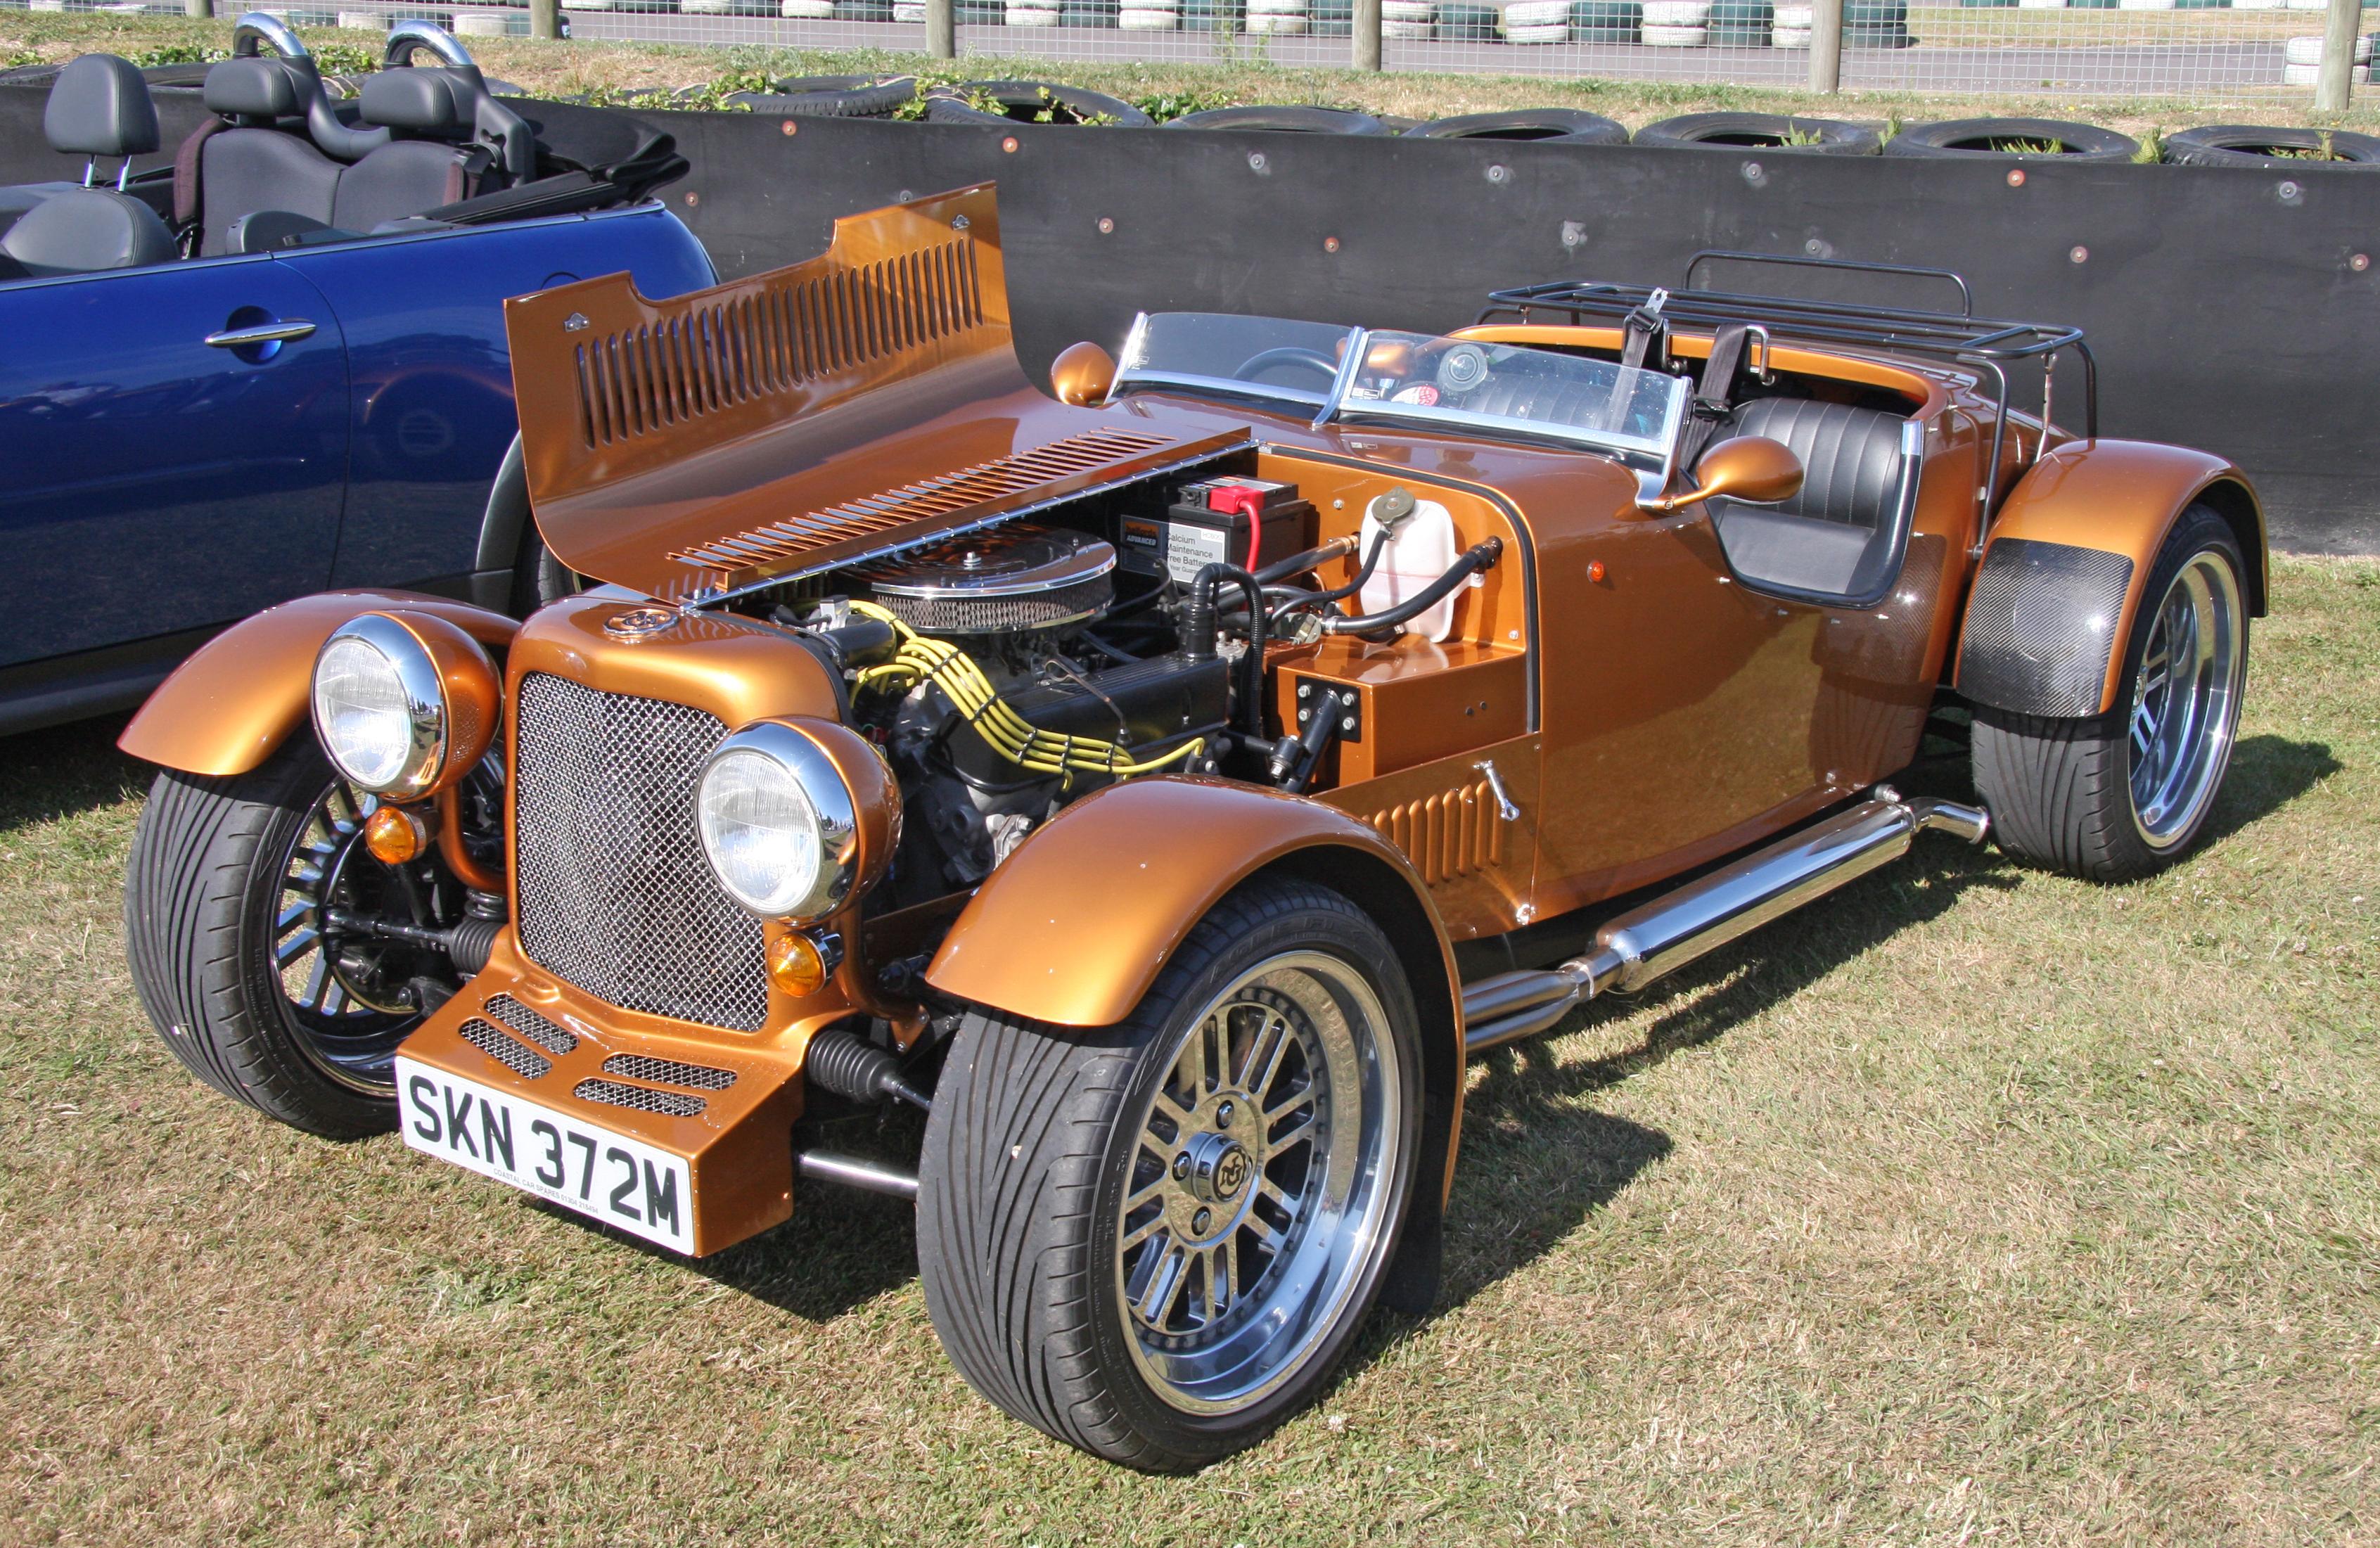 kit car web: